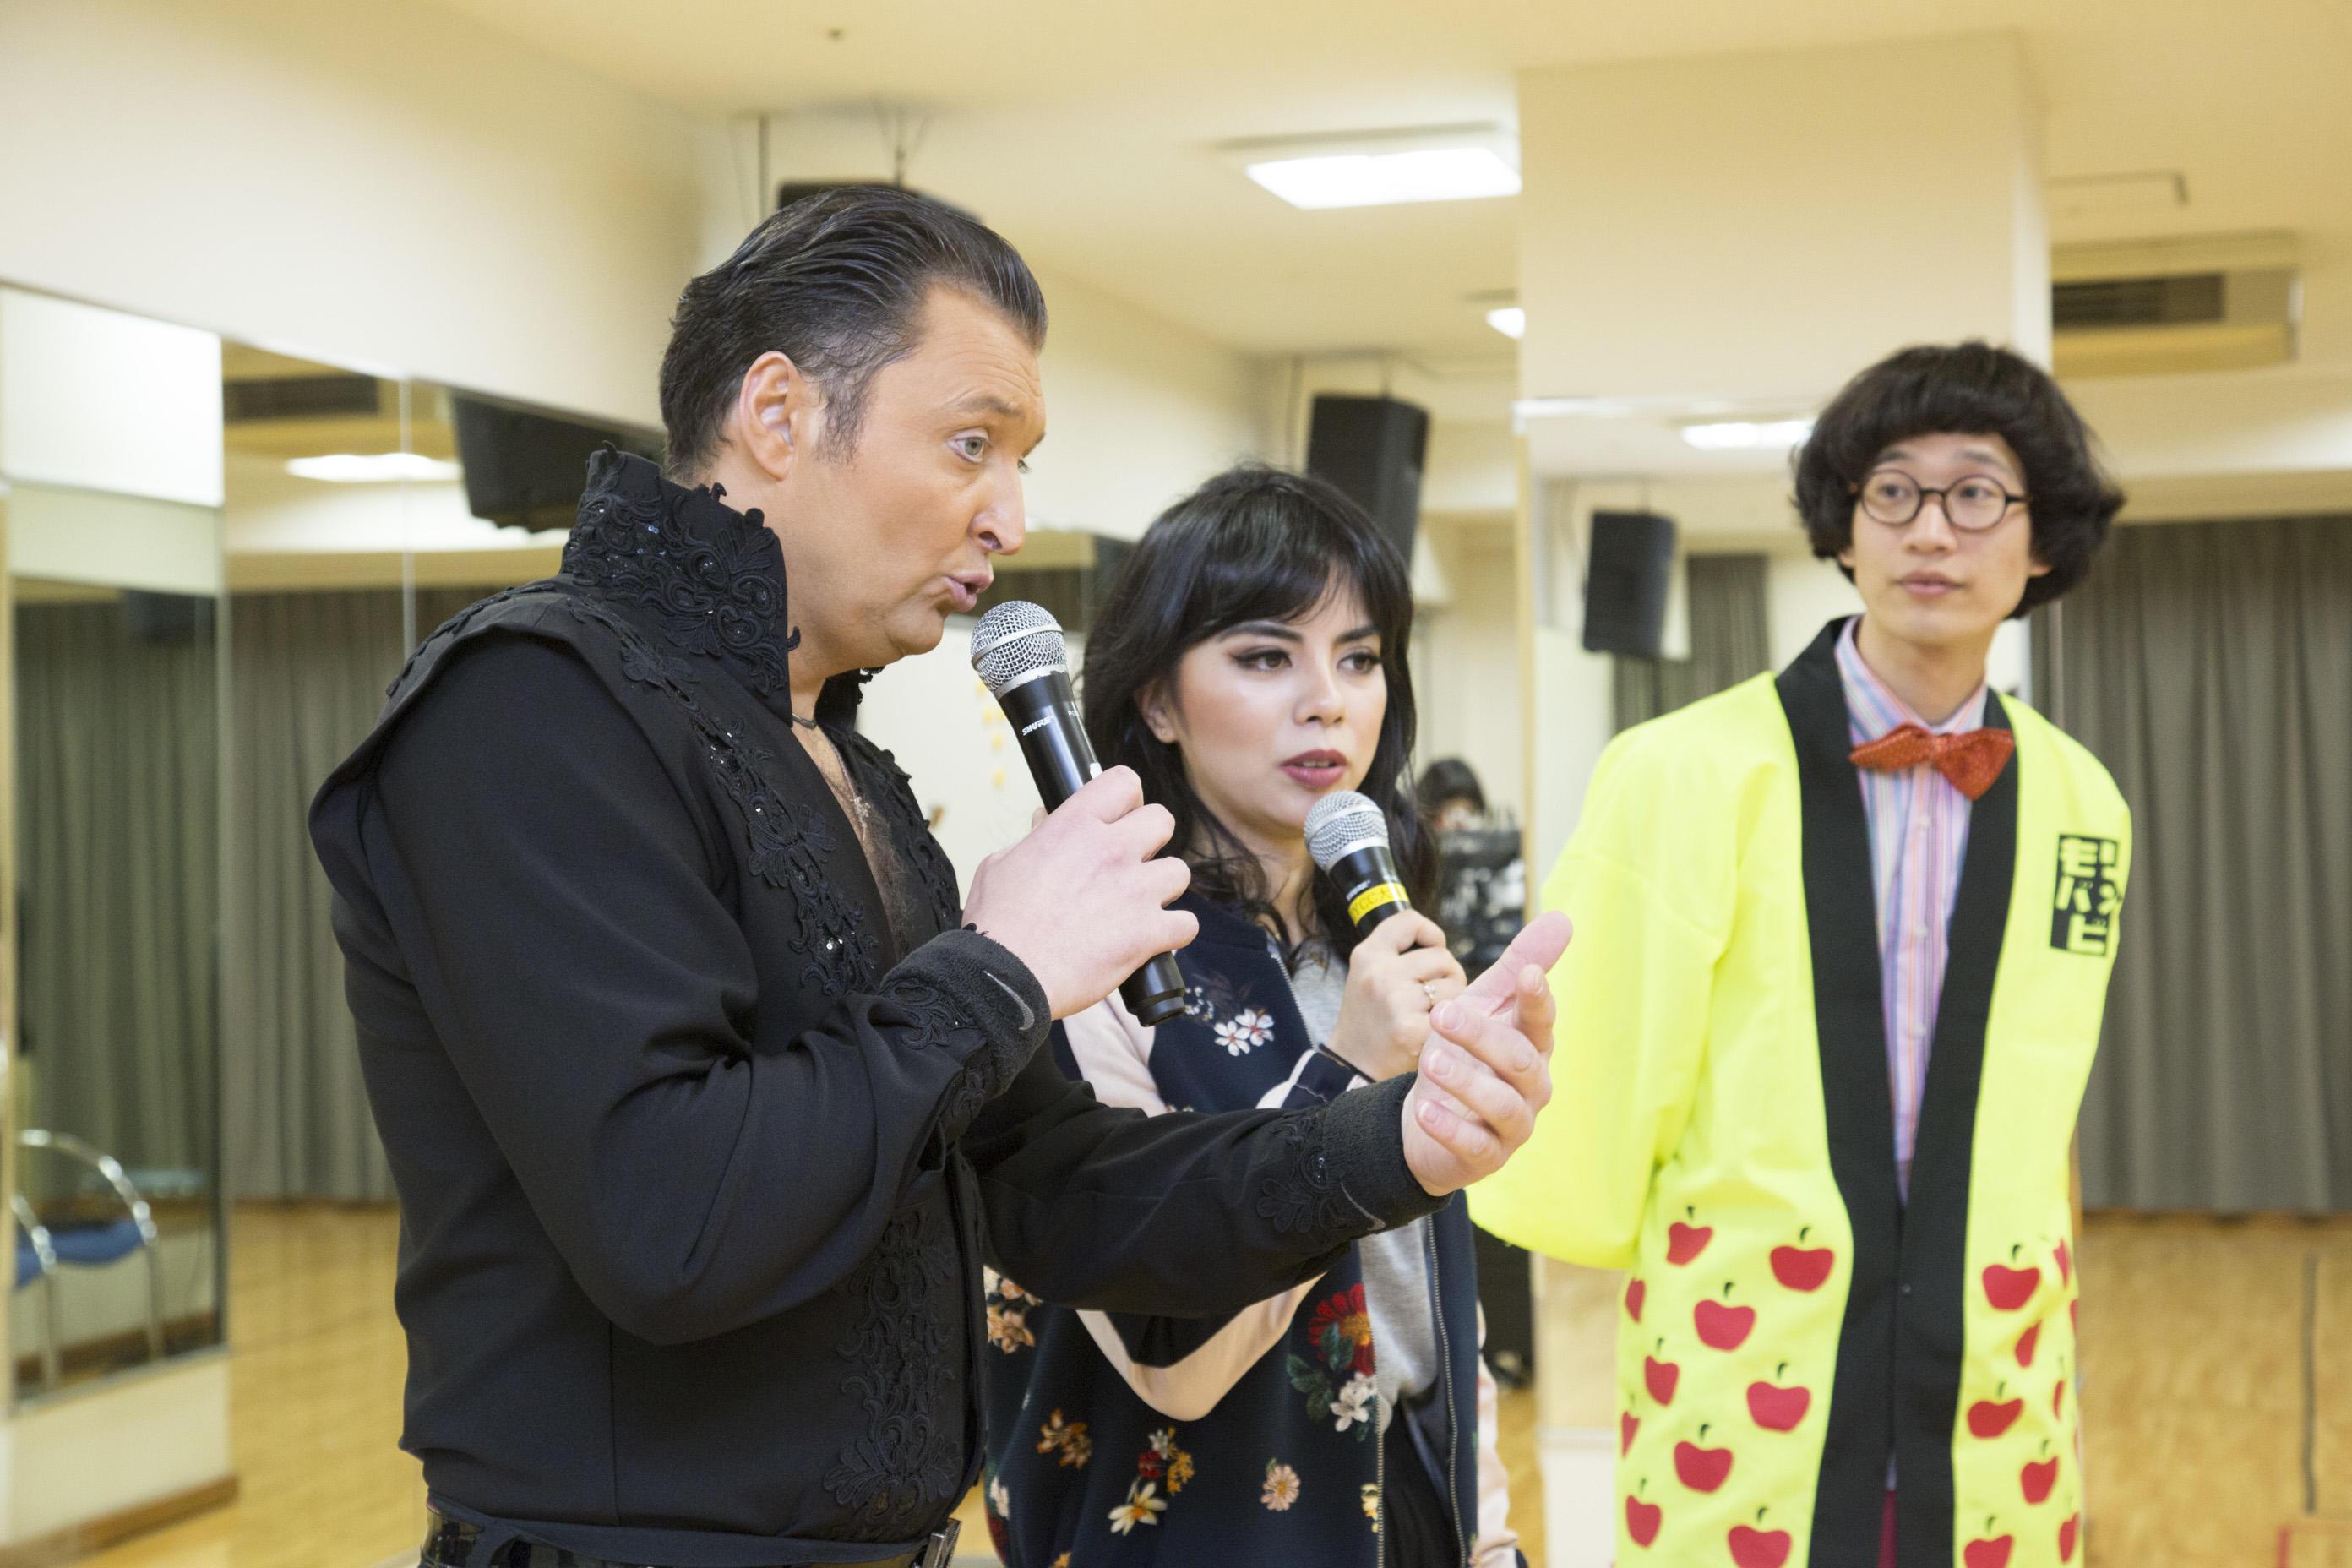 http://news.yoshimoto.co.jp/20170228174121-96b86028c0e236f8b328c0ae930a2e6ad2ee6c97.jpg